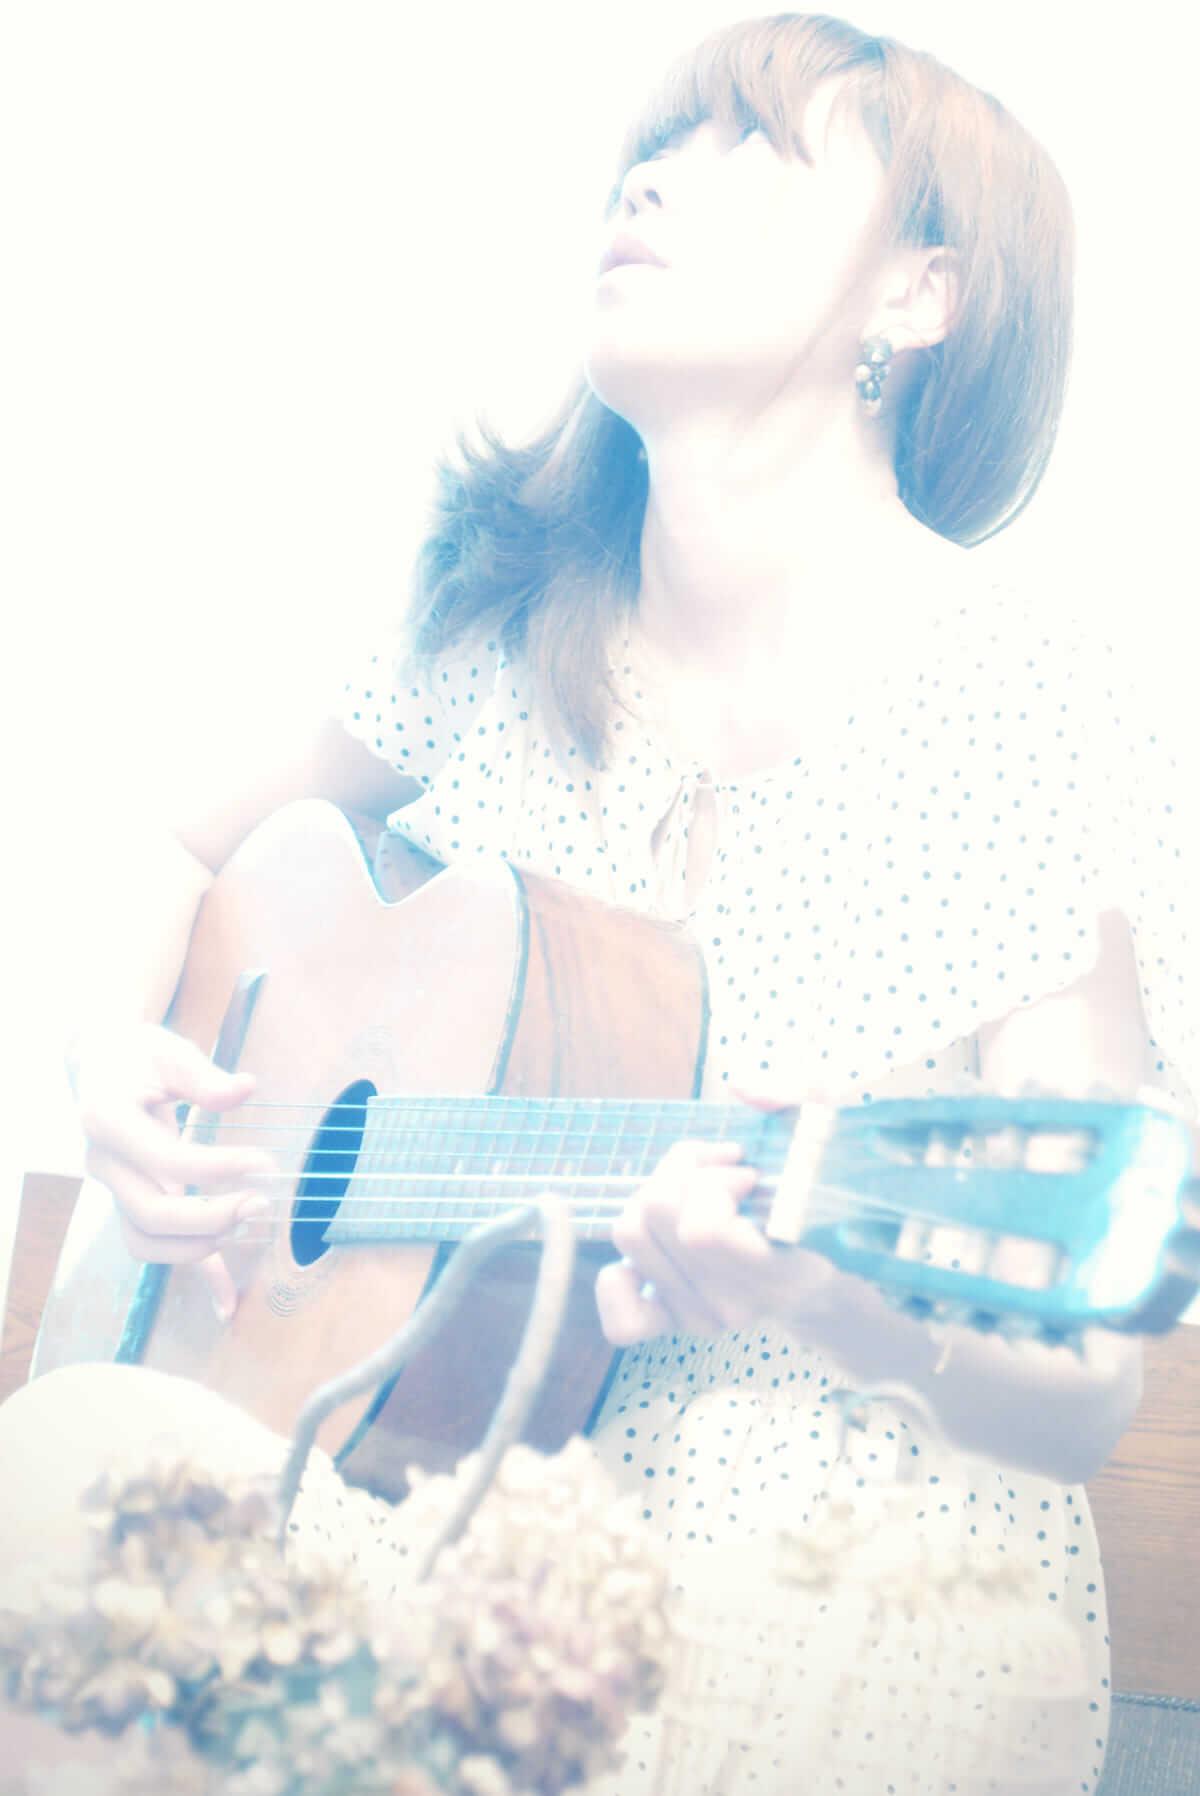 「風景を感じる音楽」をテーマにしたイベント<タビノエ-きこえる音、うかぶ風景->が開催!ライブでは「布」に映像を投影する演出 music180810_tabinoe_04-1200x1796